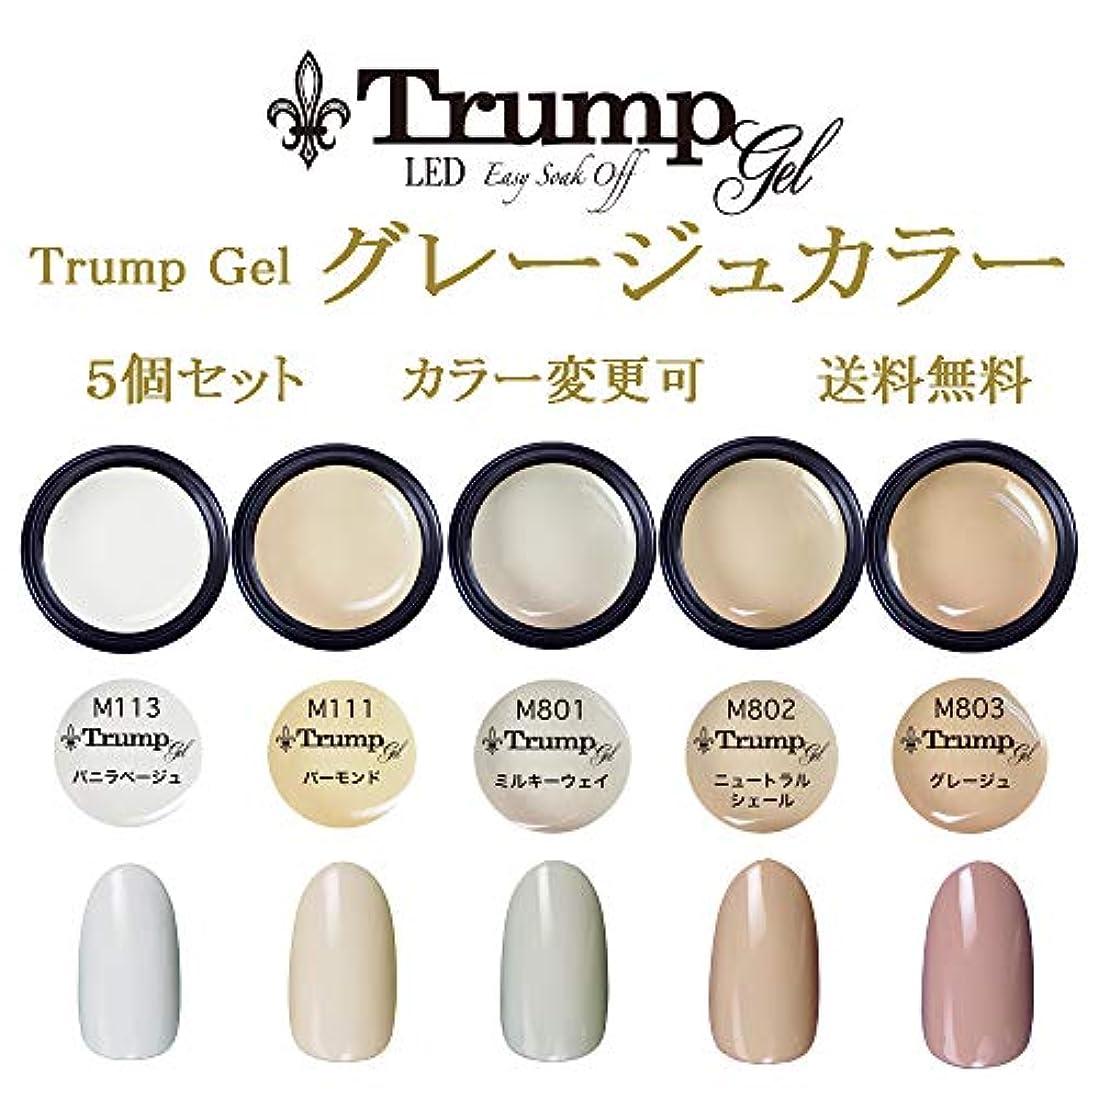 夕暮れ九月指日本製 Trump gel トランプジェル グレージュカラー 選べる カラージェル 5個セット ホワイト ベージュ ピンク スモーク